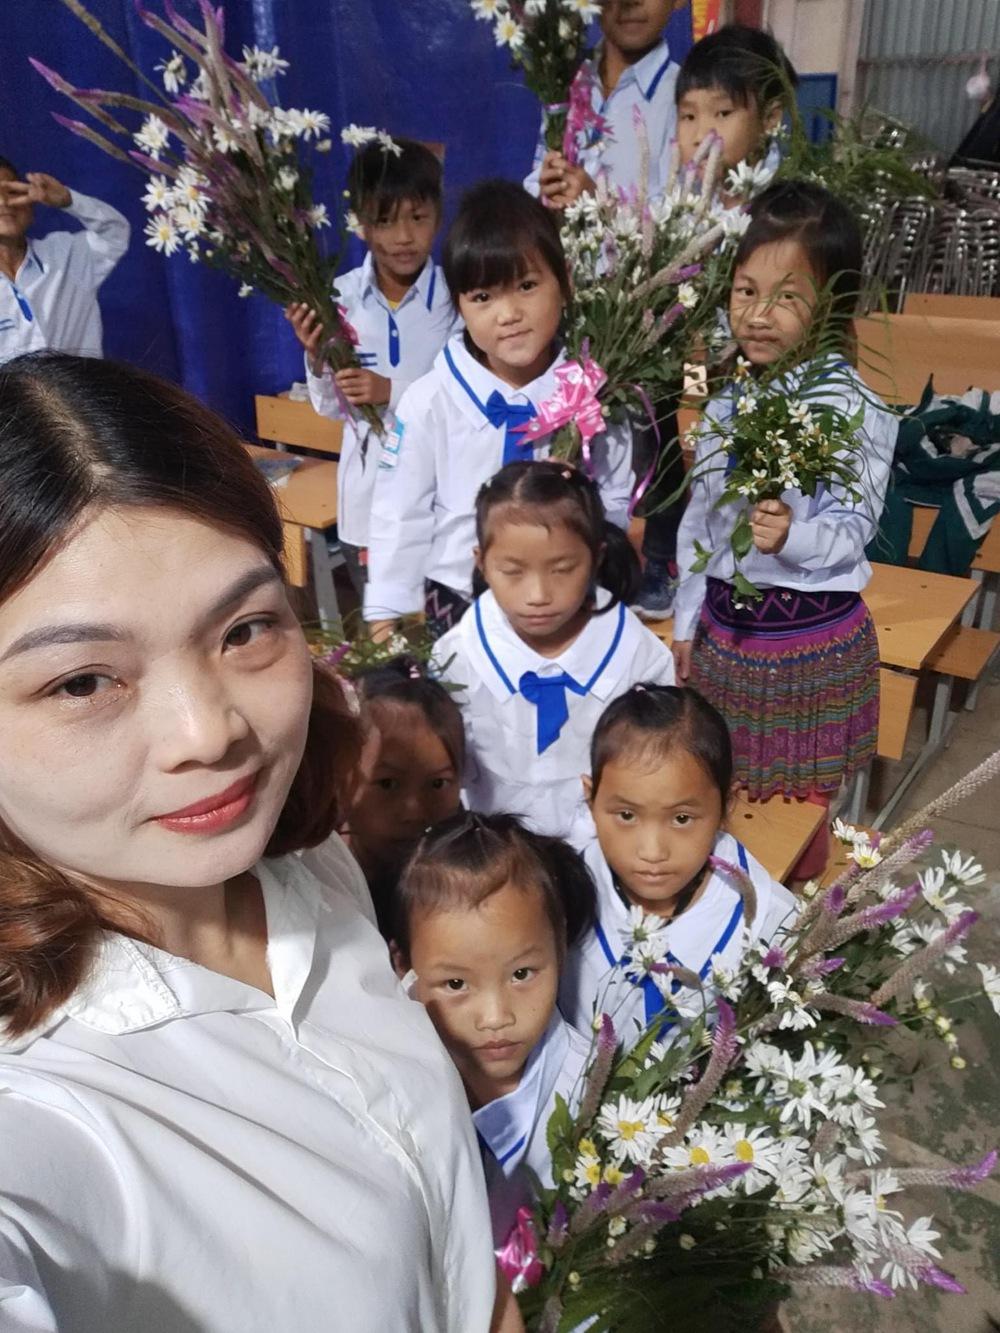 Món quà đẹp nhất của học sinh ngày 20/11 khiến cô giáo vùng cao vừa nhận đã rơi nước mắt - Ảnh 4.